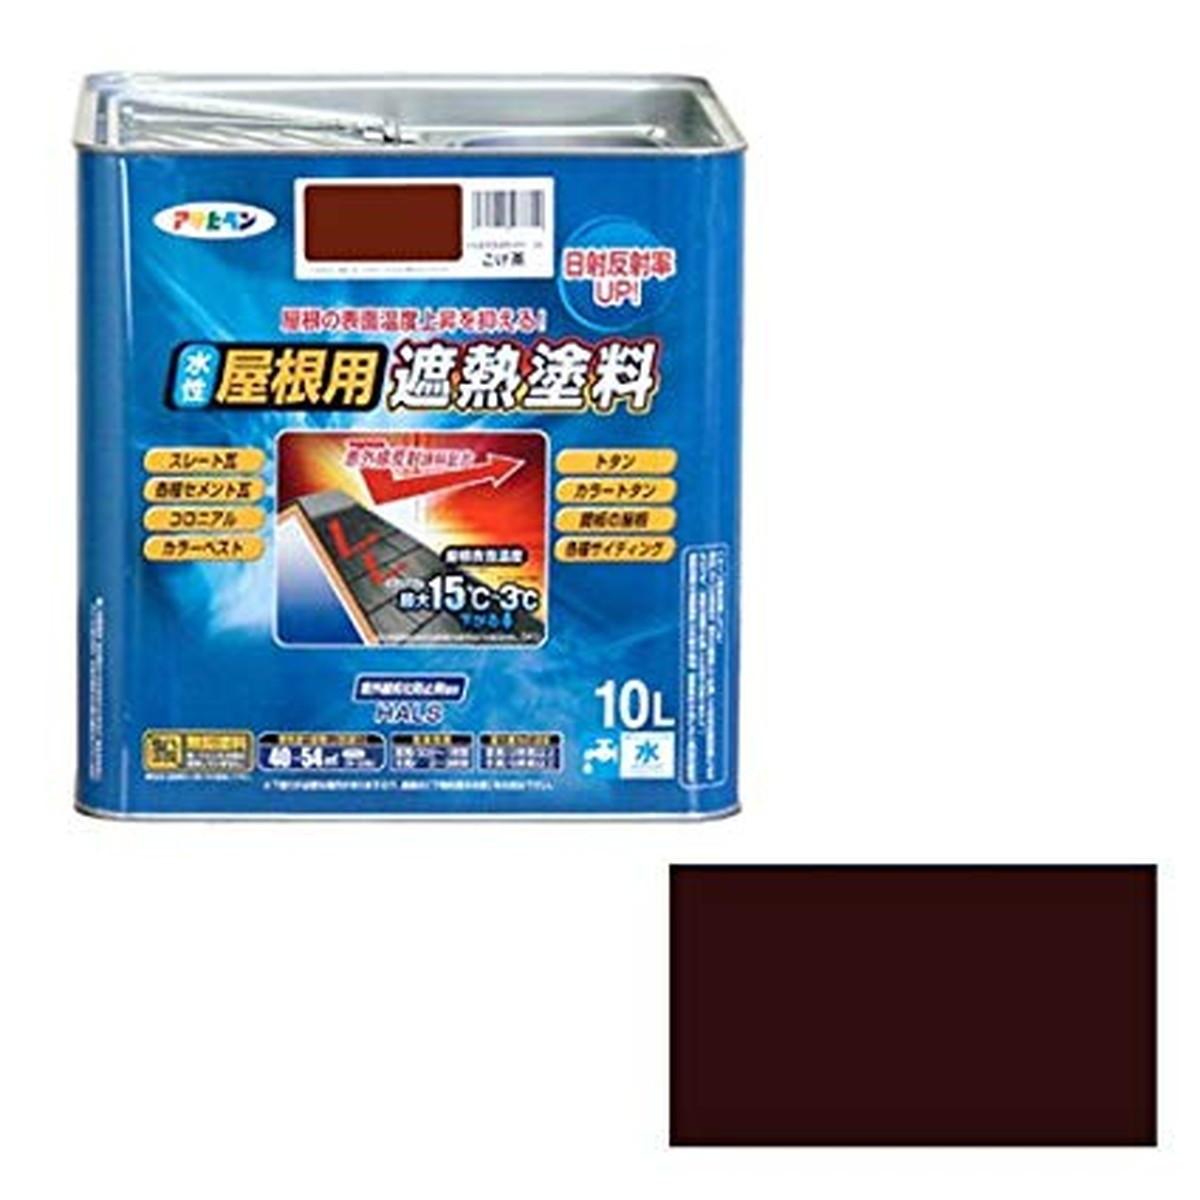 アサヒペン ペンキ 水性屋根用遮熱塗料 こげ茶 10L